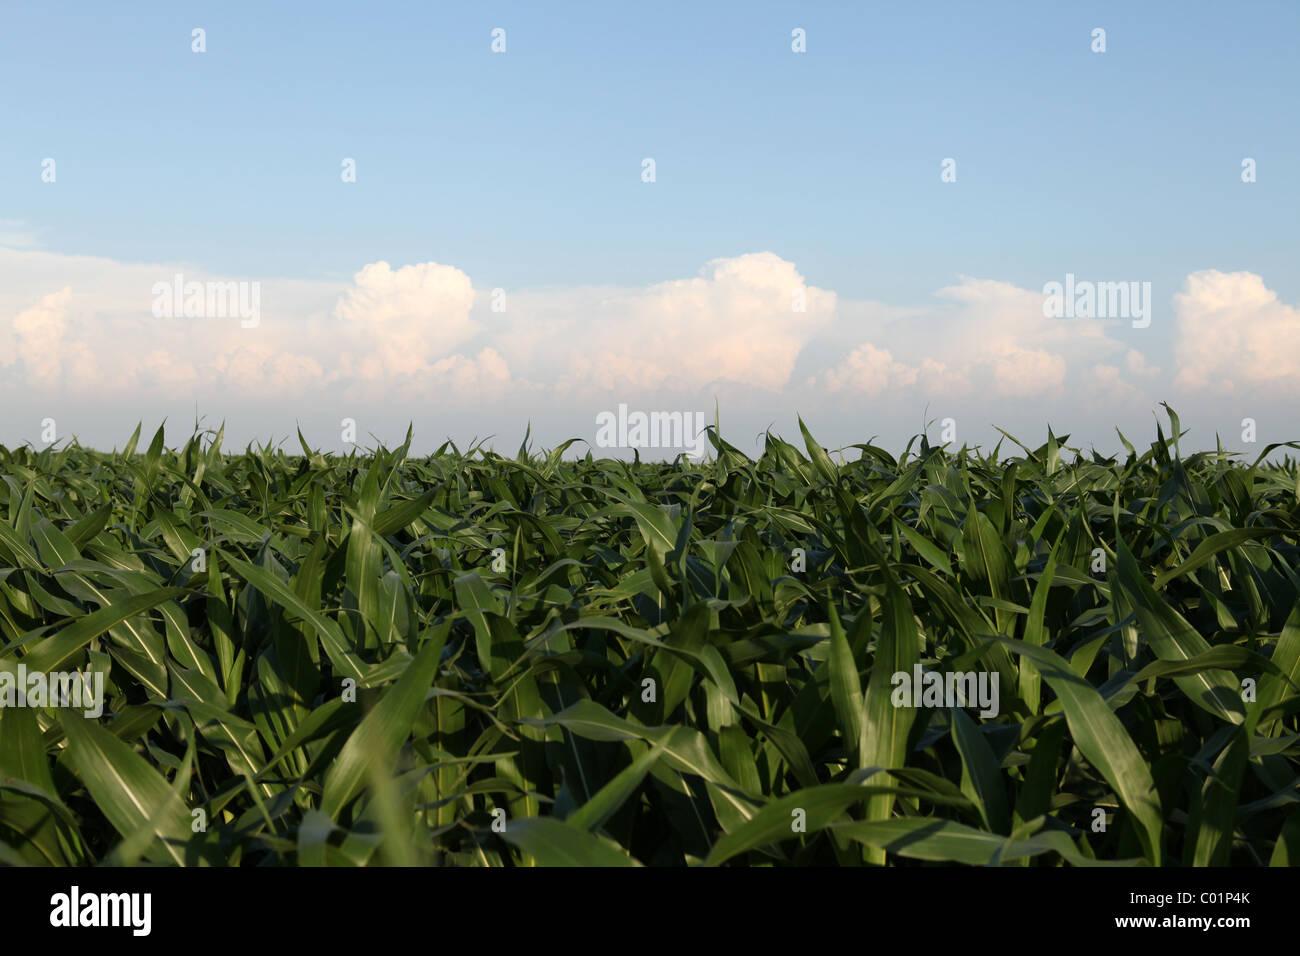 Dessus des tiges de maïs sur journée d'été en Iowa champ avec des nuages dans le ciel. Photo Stock